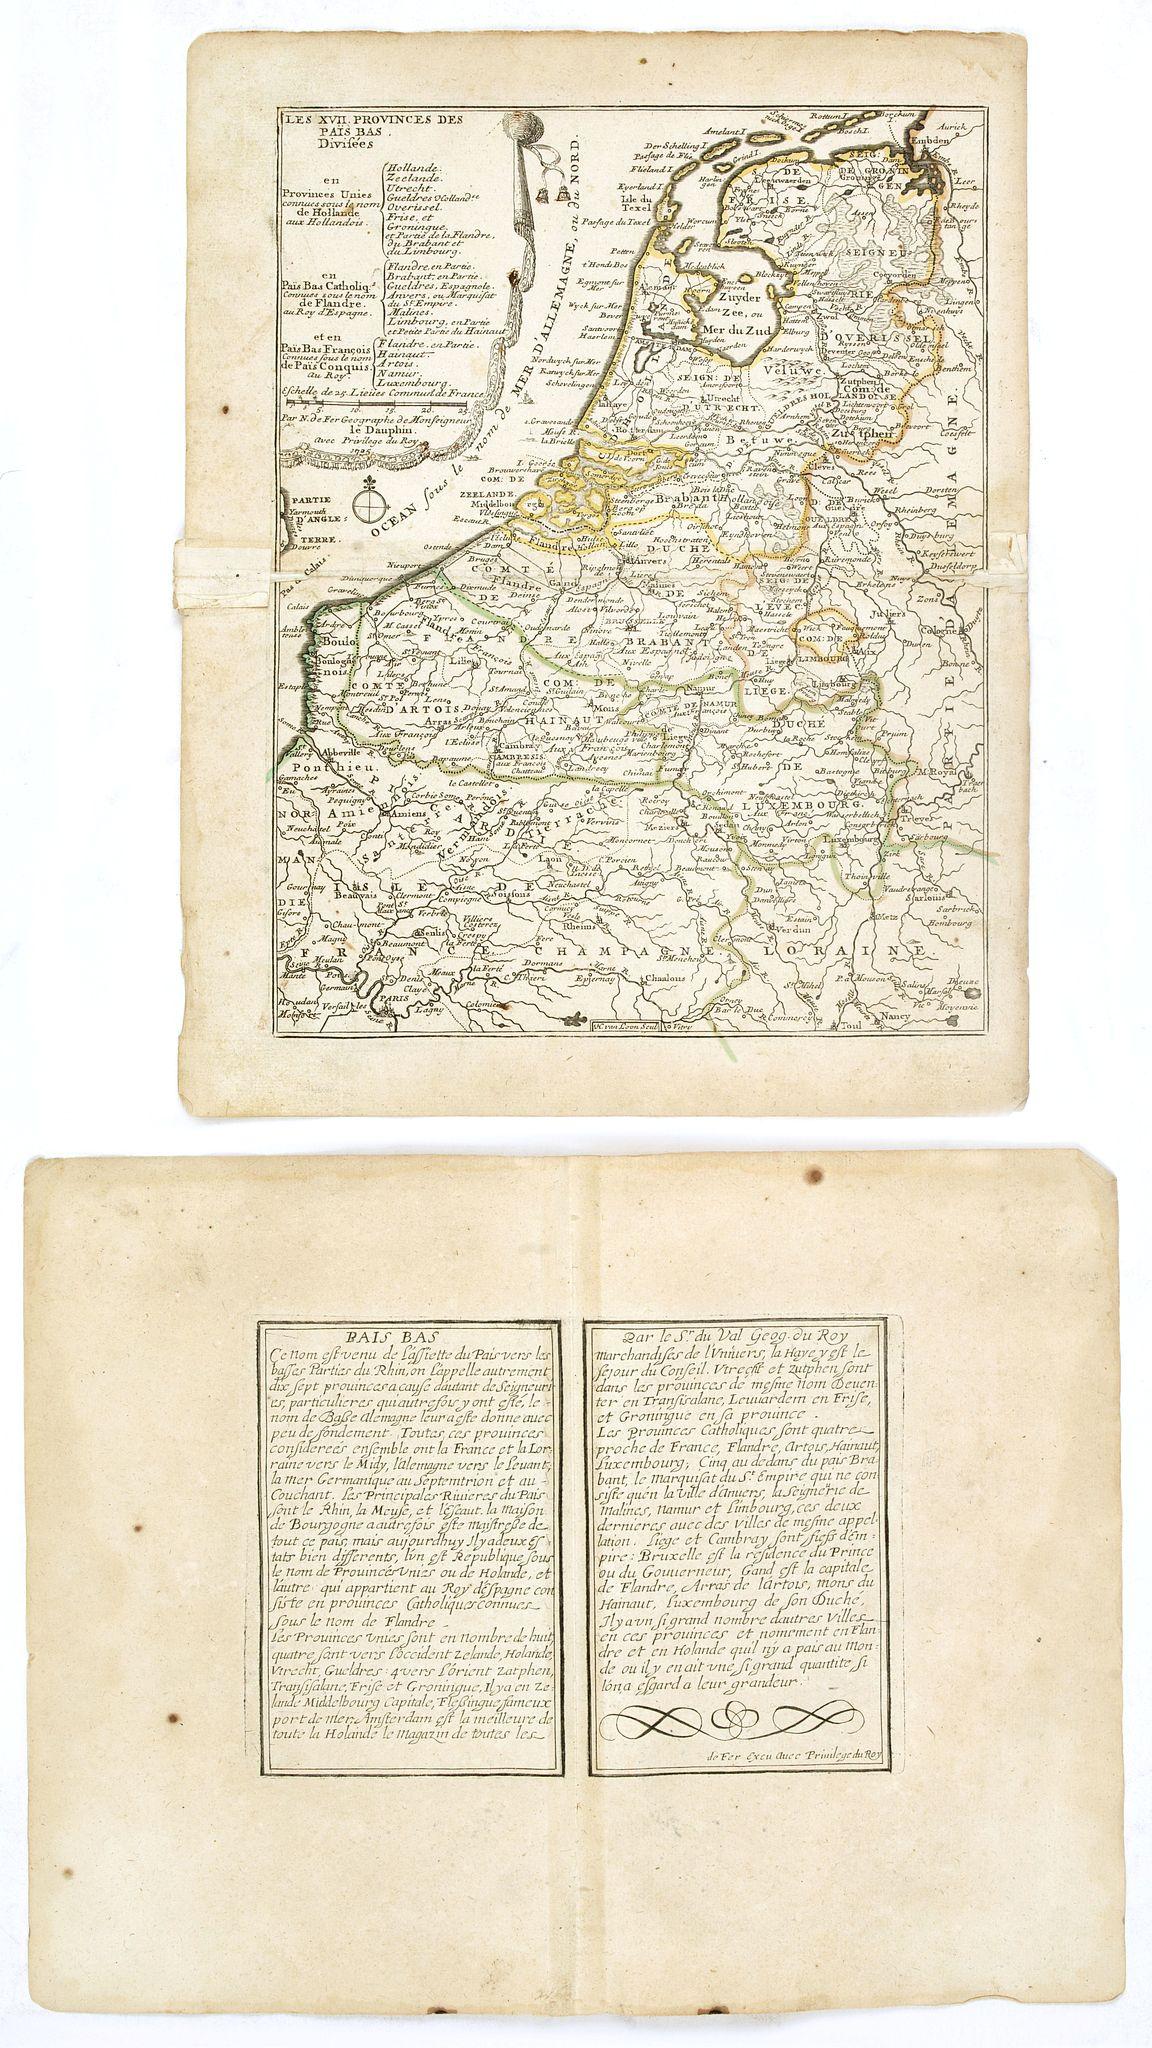 DE FER, N. -  Les XVII Provinces Païs Bas Divisées.